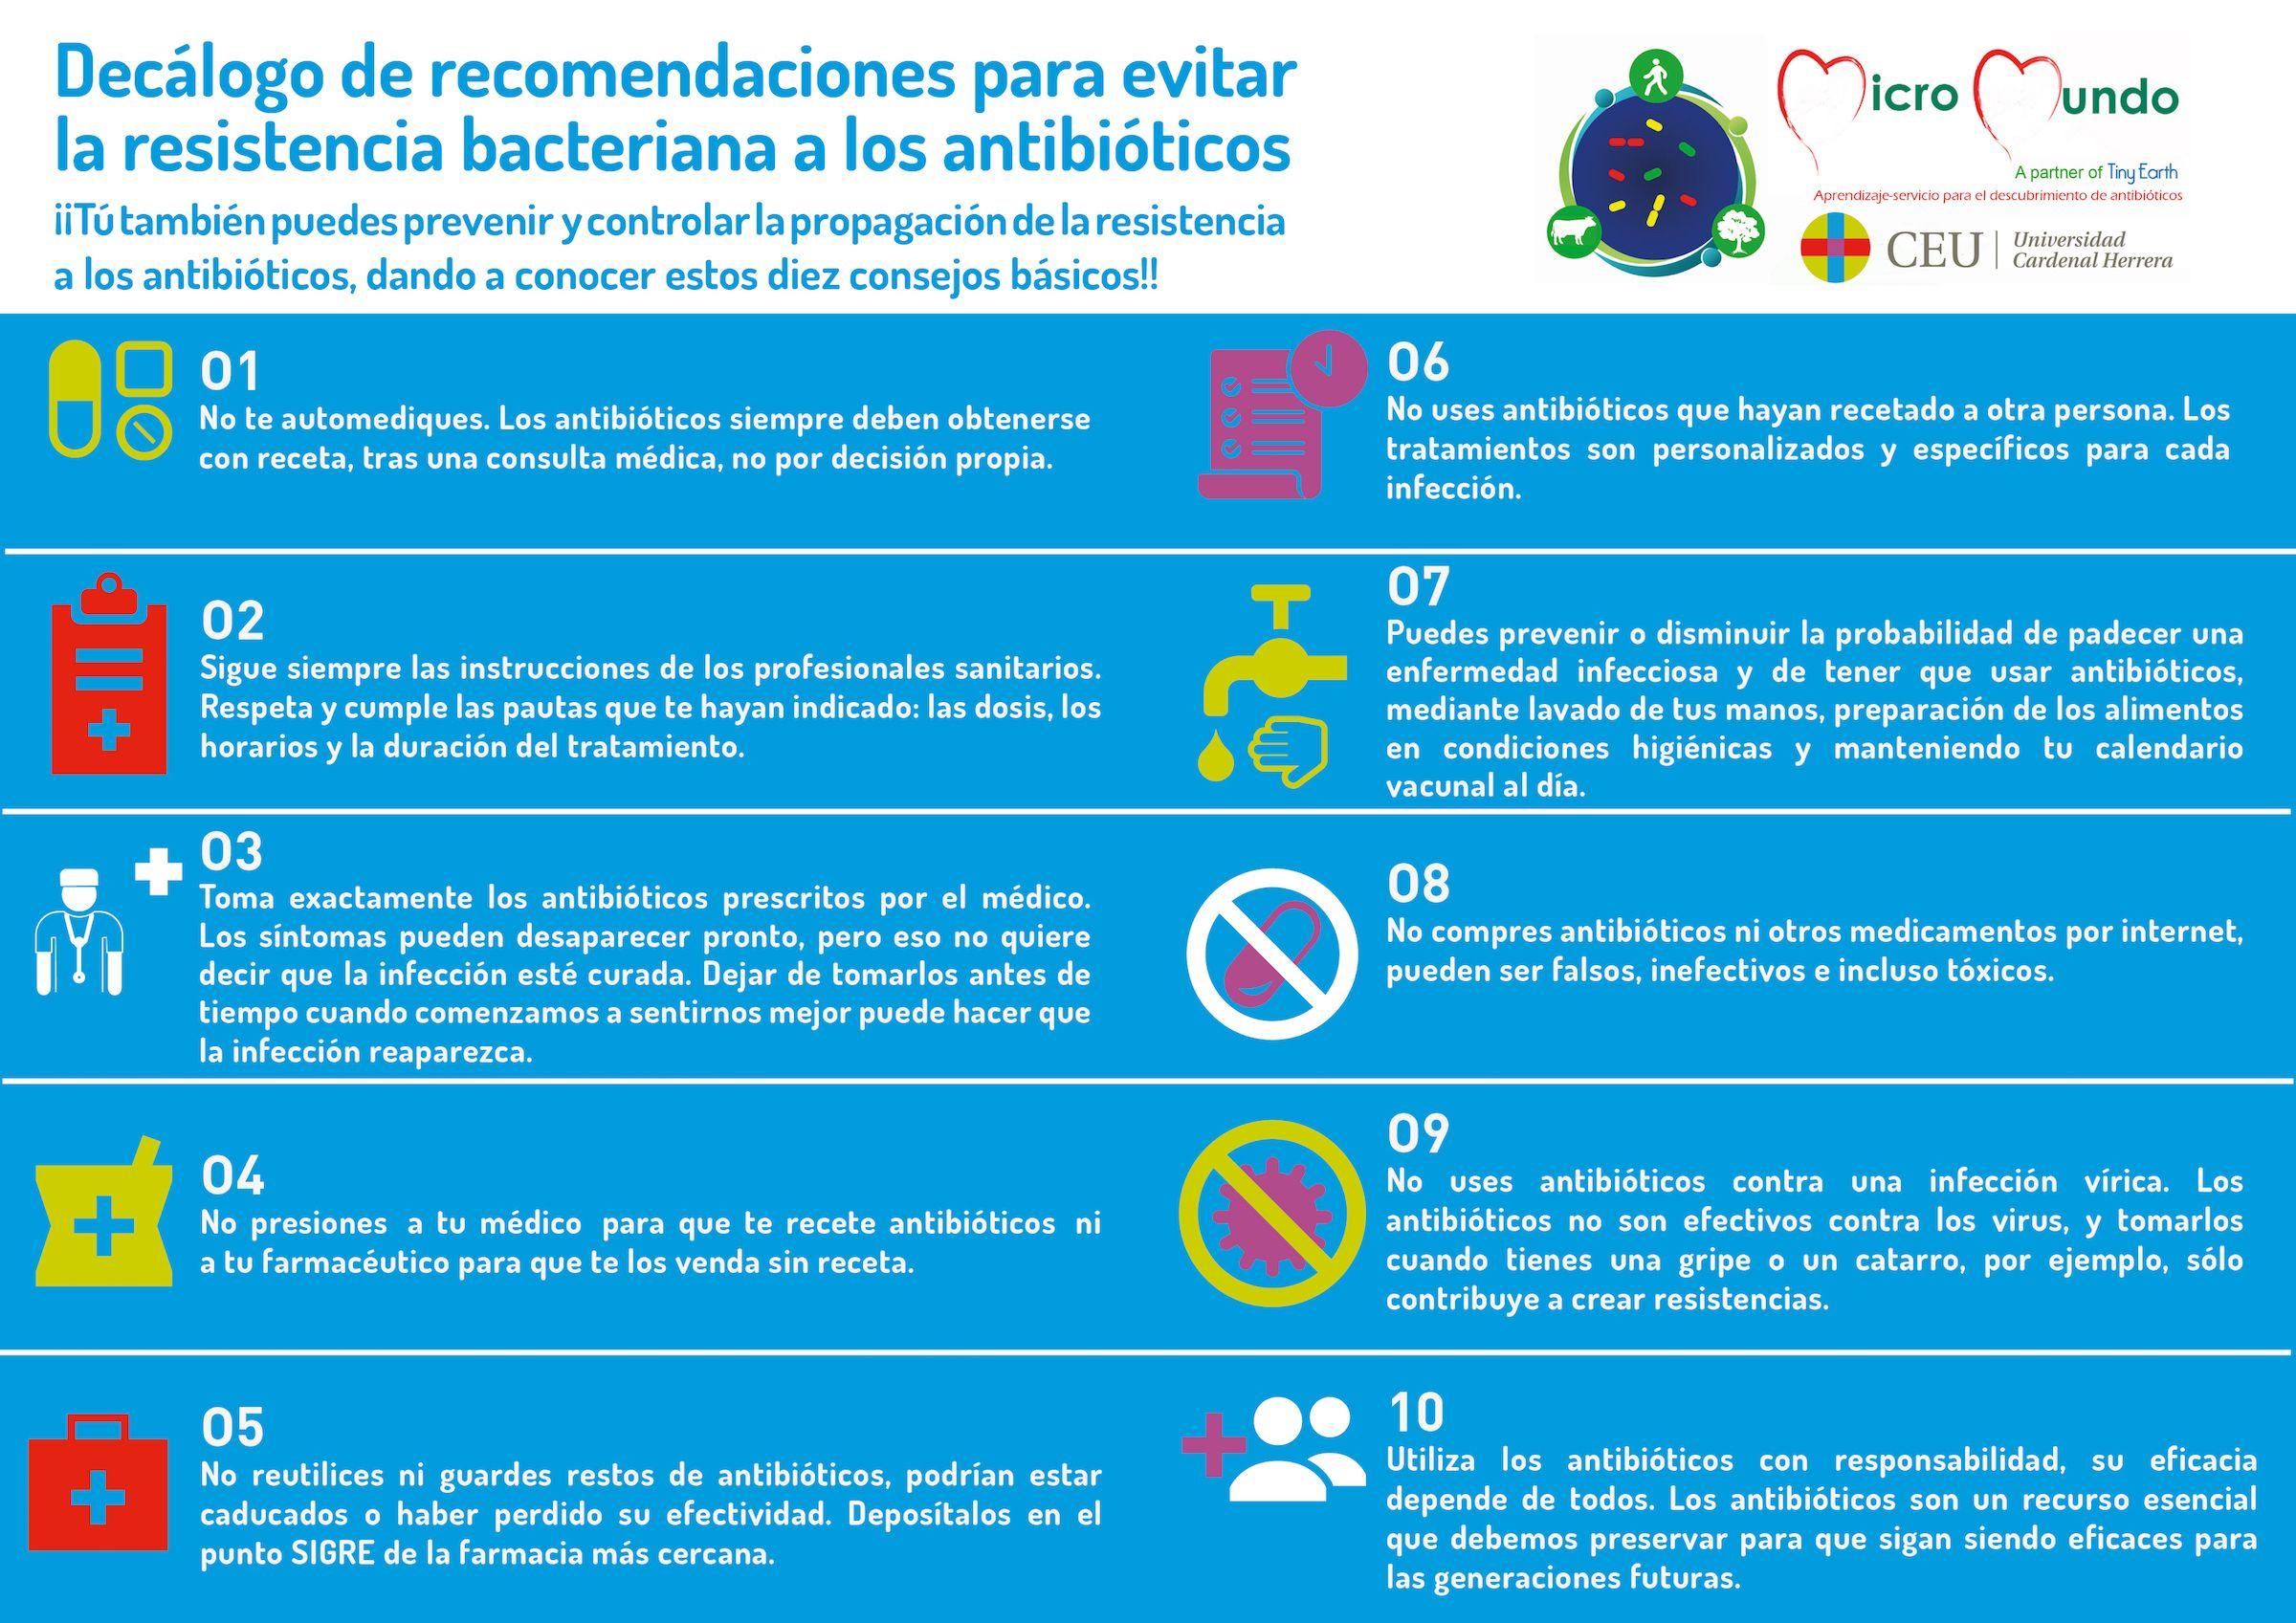 Decálogo de recomendaciones para evitar la resistencia bacteriana a los antibióticos, del equipo SWI@CEU.